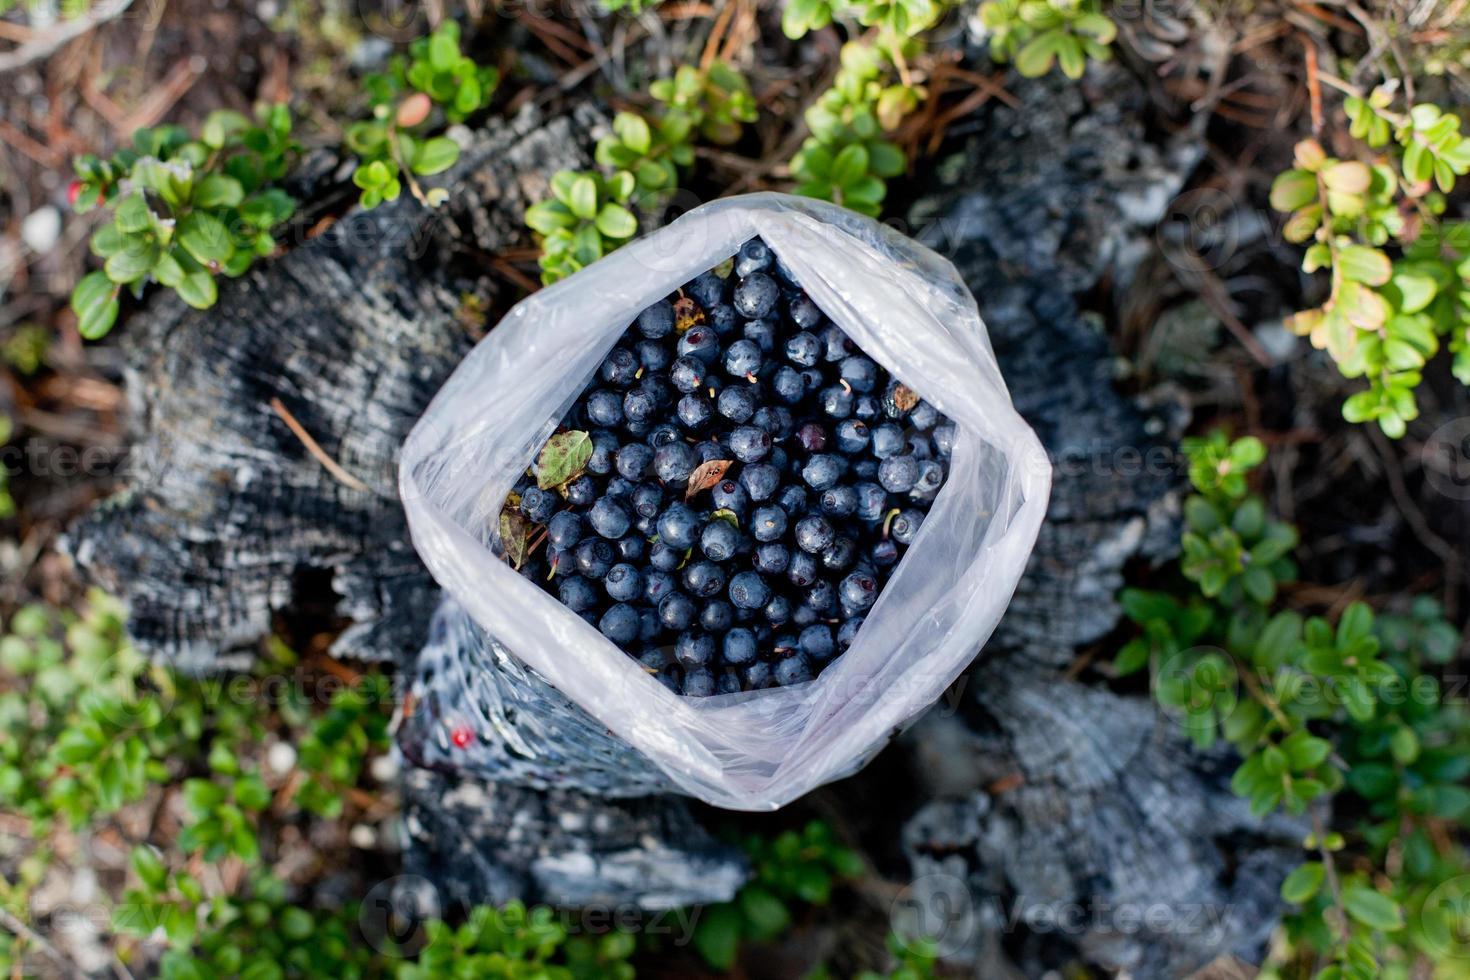 Bag full of blueberries photo